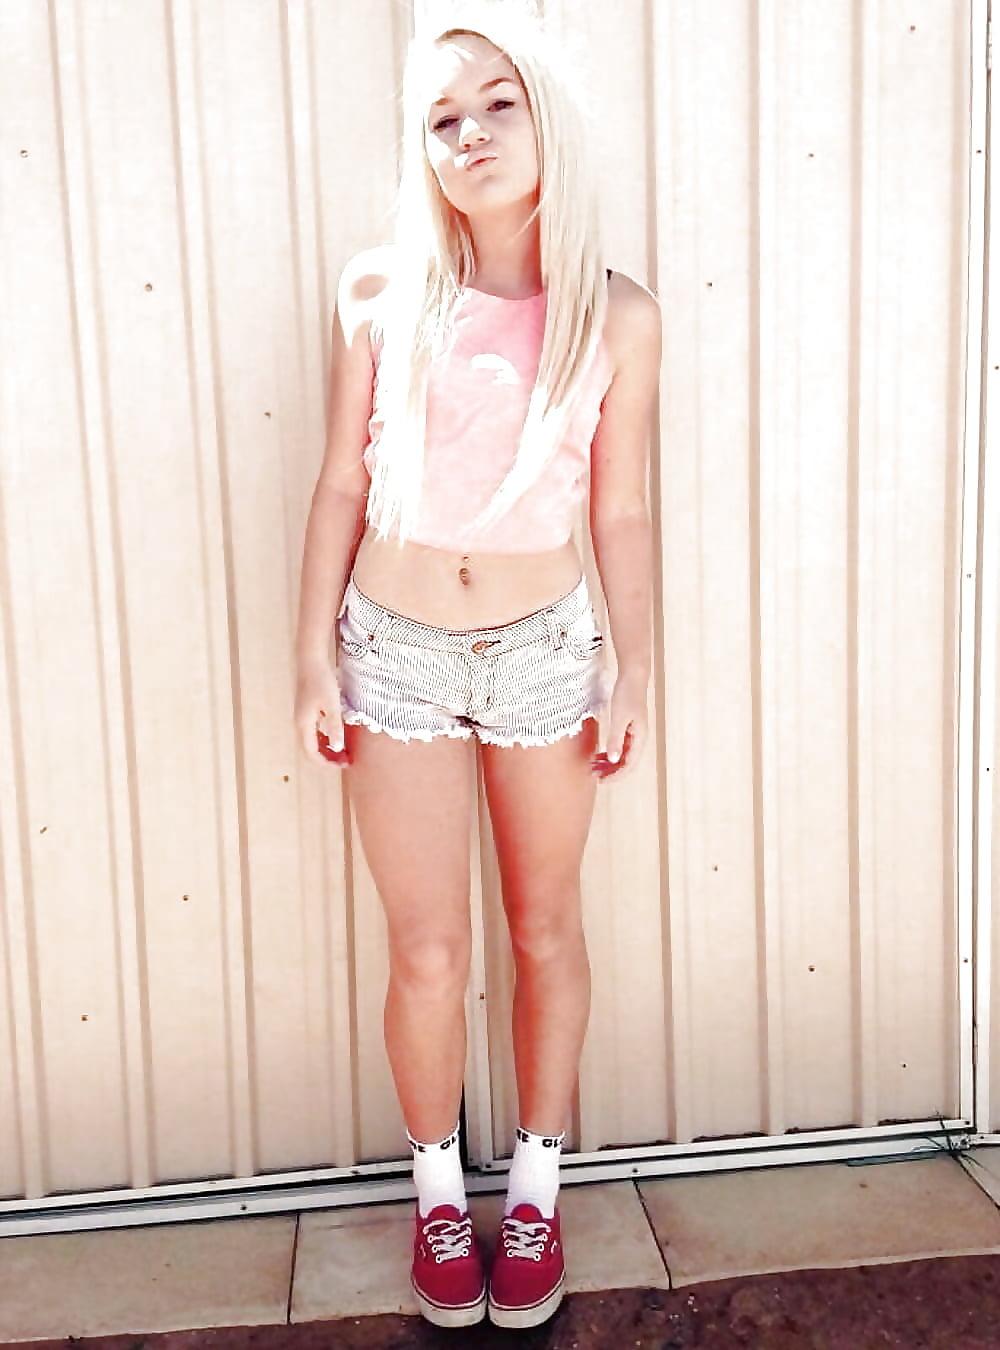 pu-petite-teen-blonde-is